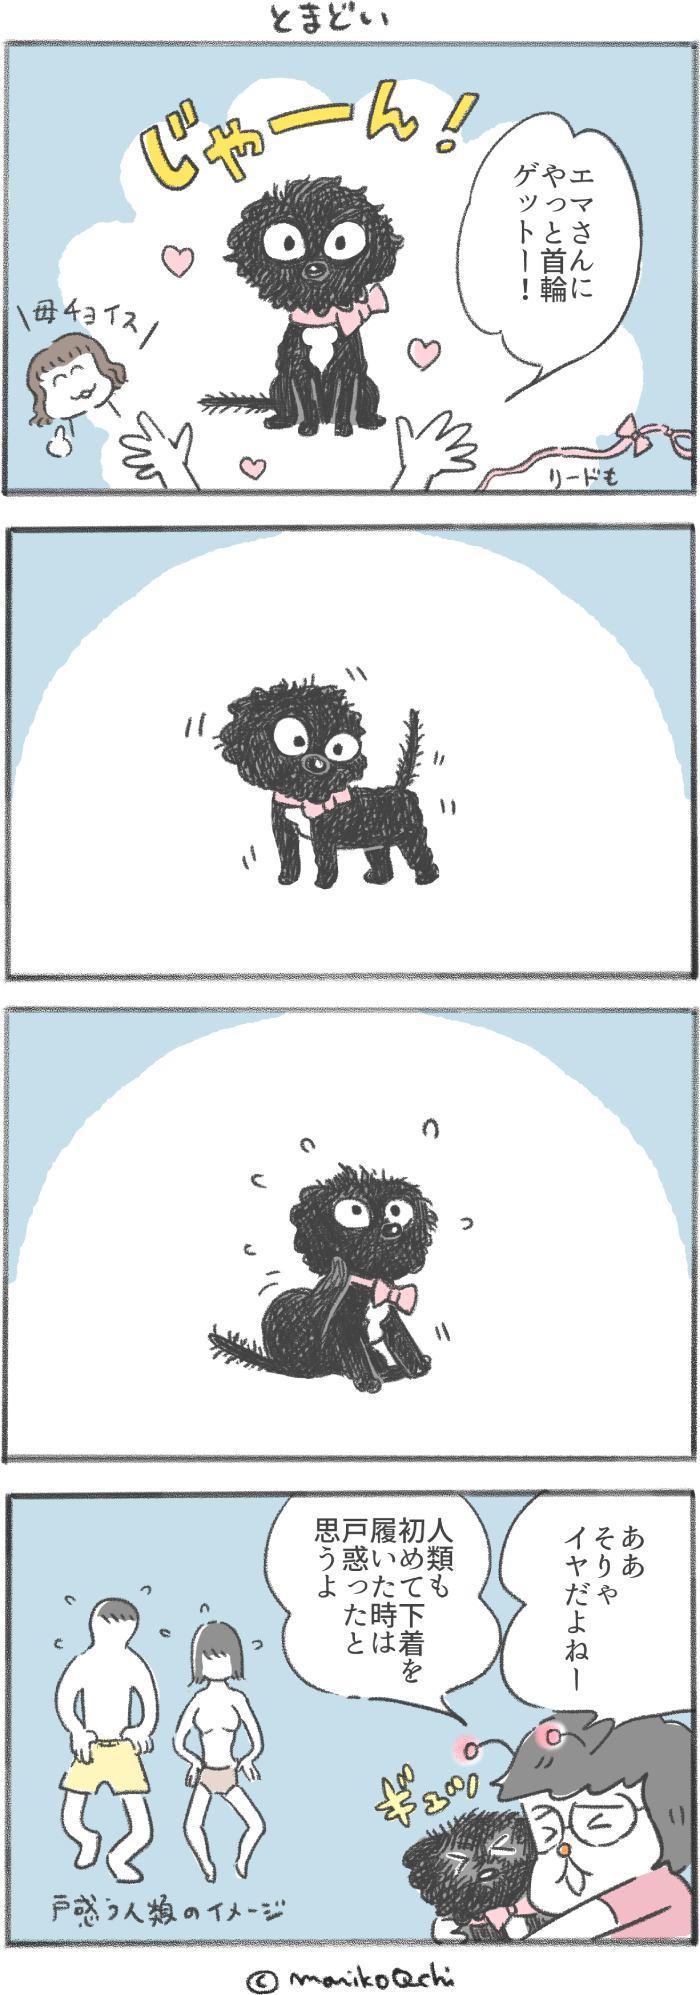 犬と暮らせば第102話